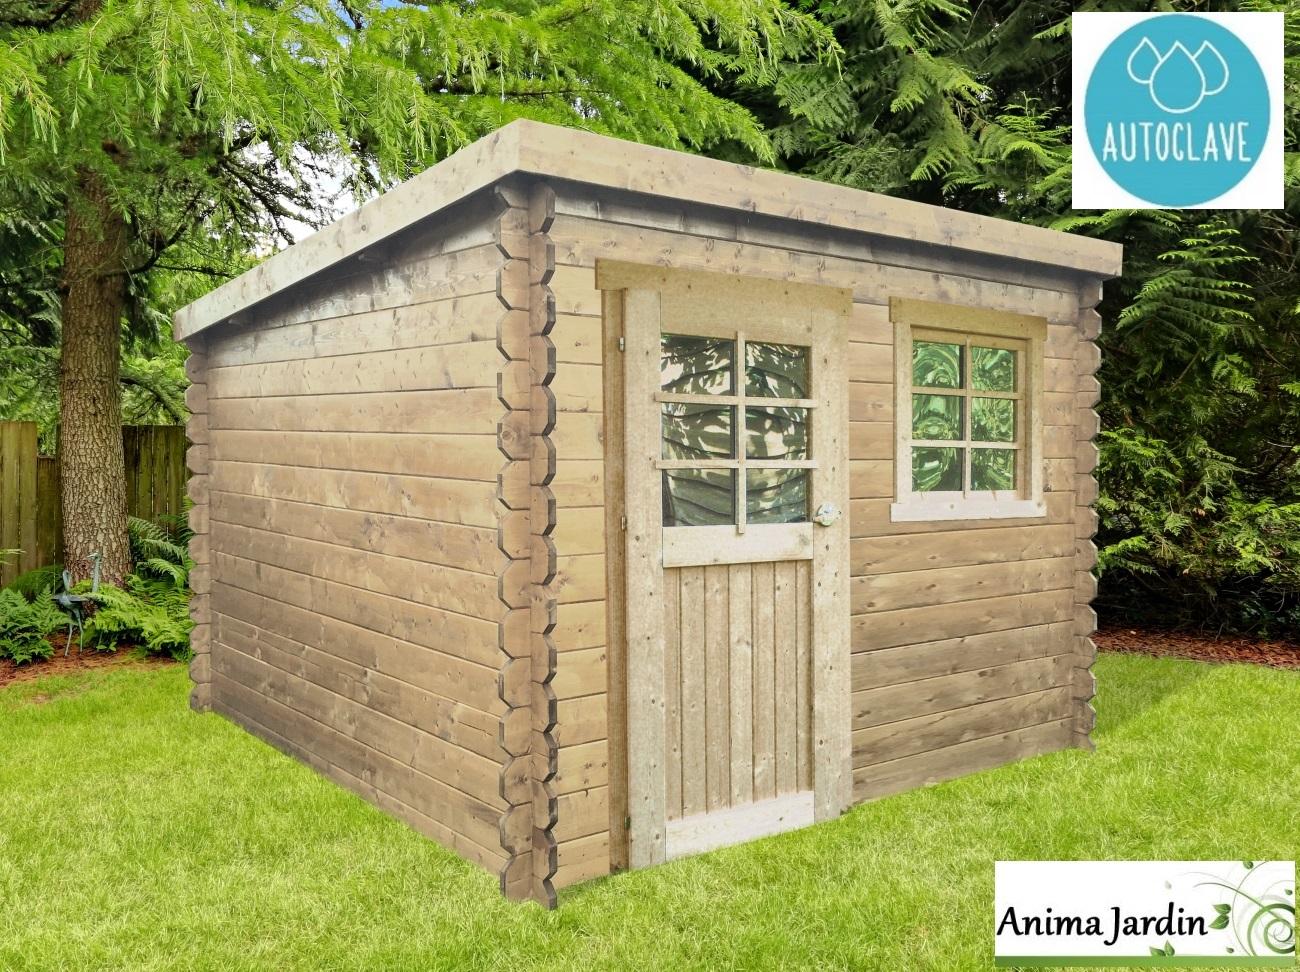 Abri de jardin en bois autoclave 28mm, Nevers, 5m², 1 portes ...